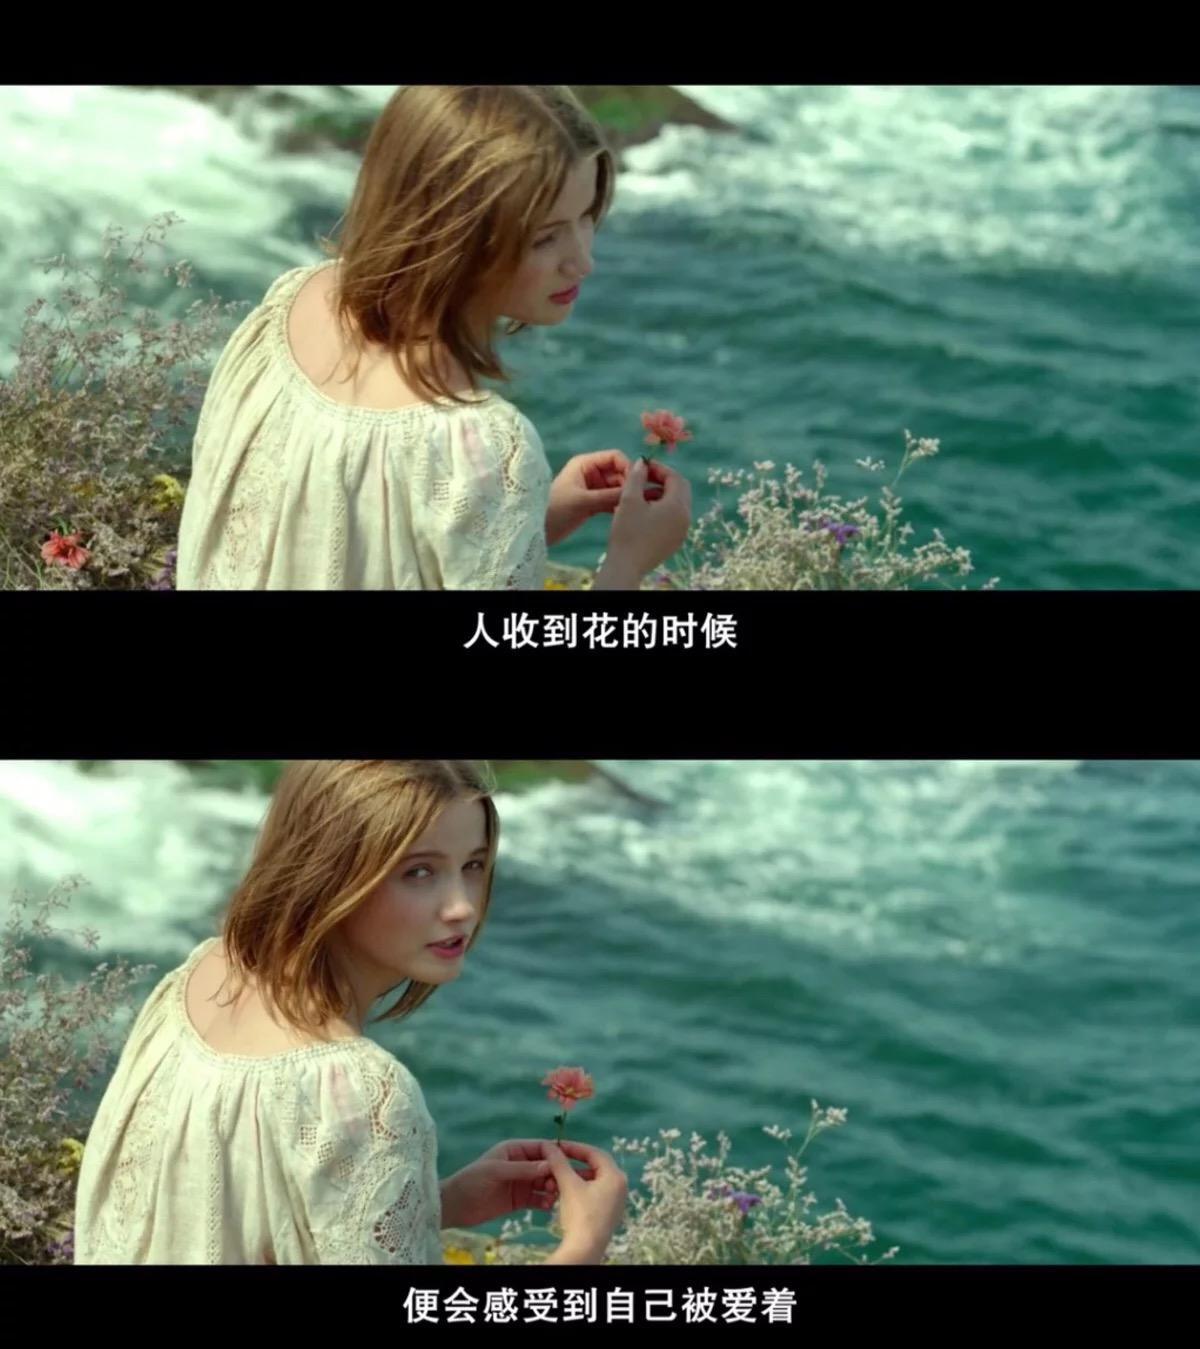 天使爱美丽截图_你最为珍藏的电影截图有哪些? - GetIt01